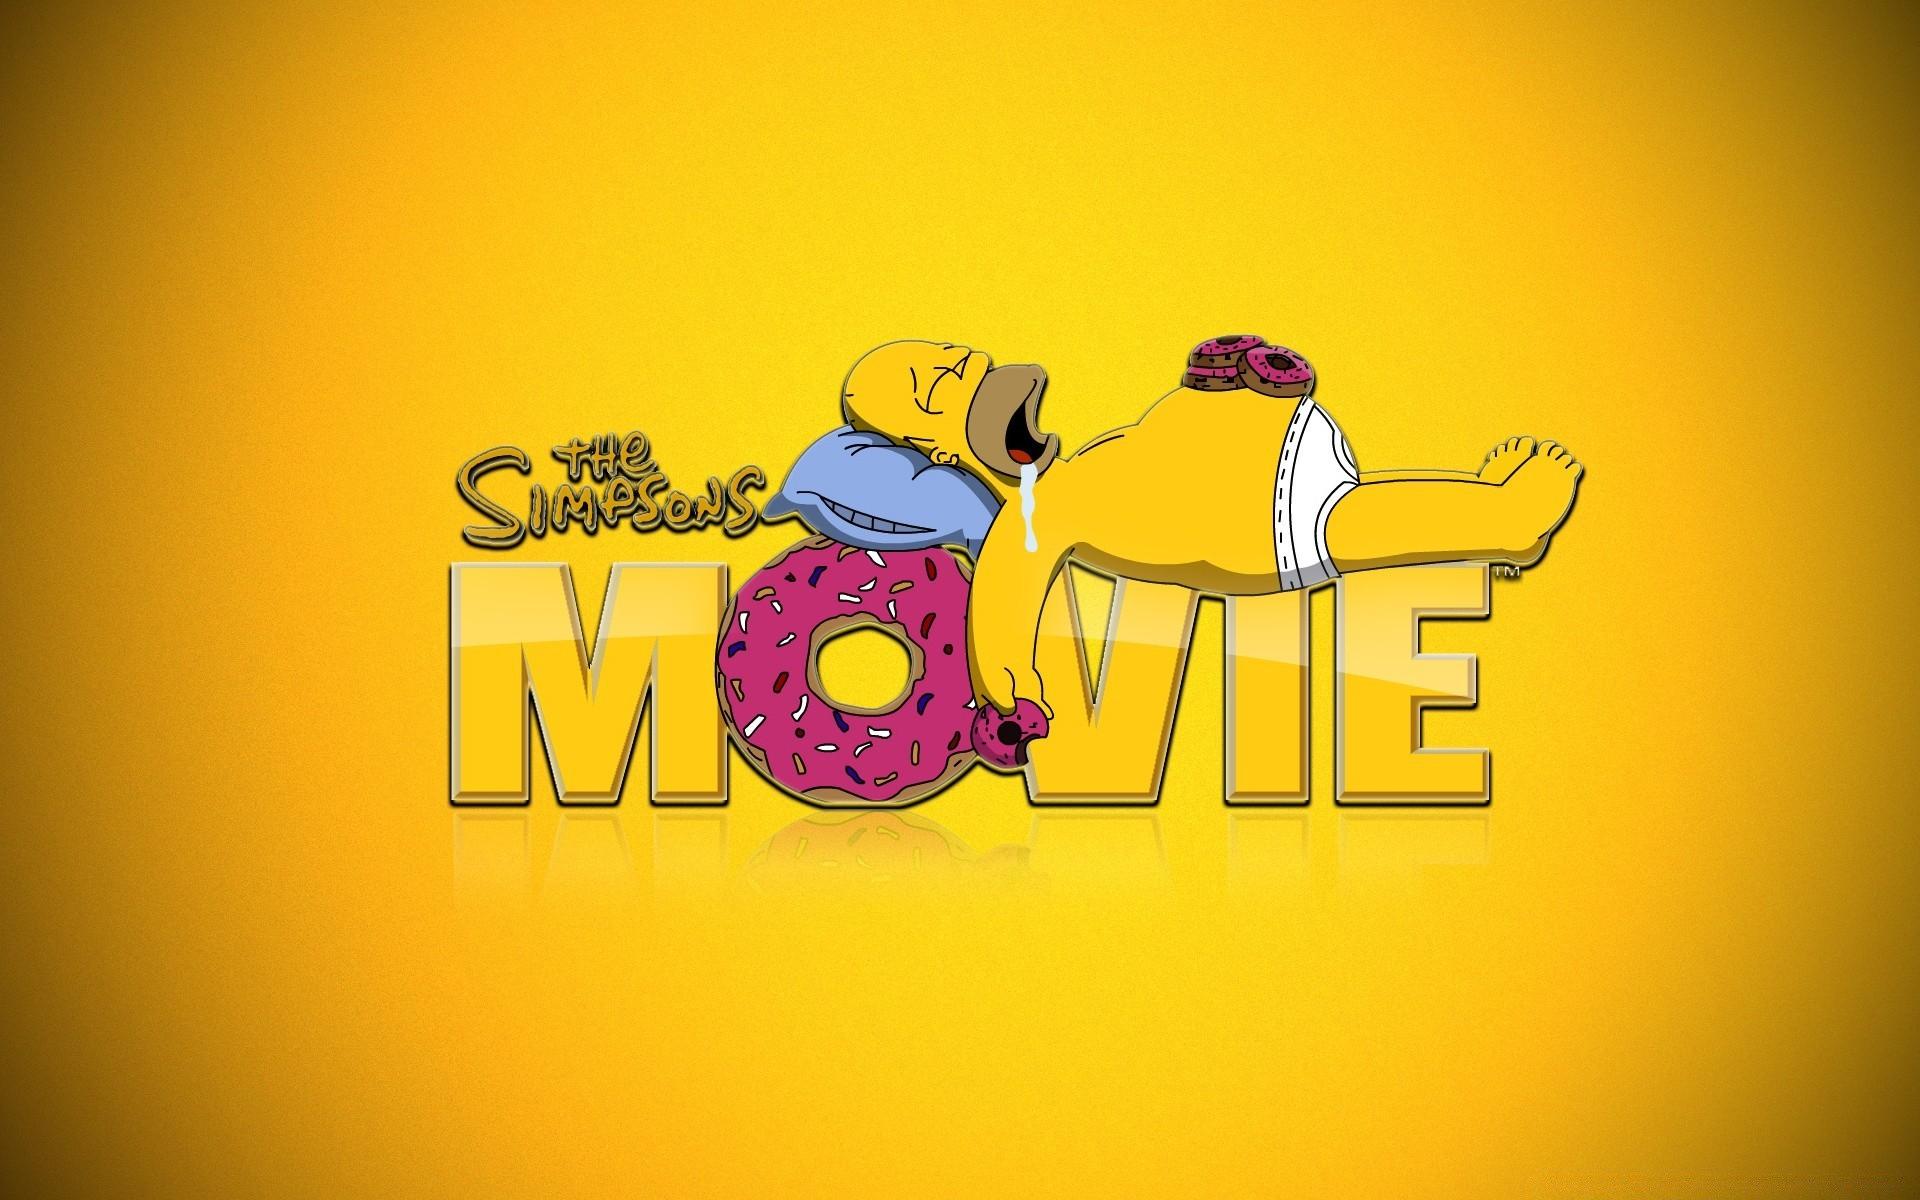 Film Simpsony Oboi Na Telefon Besplatno